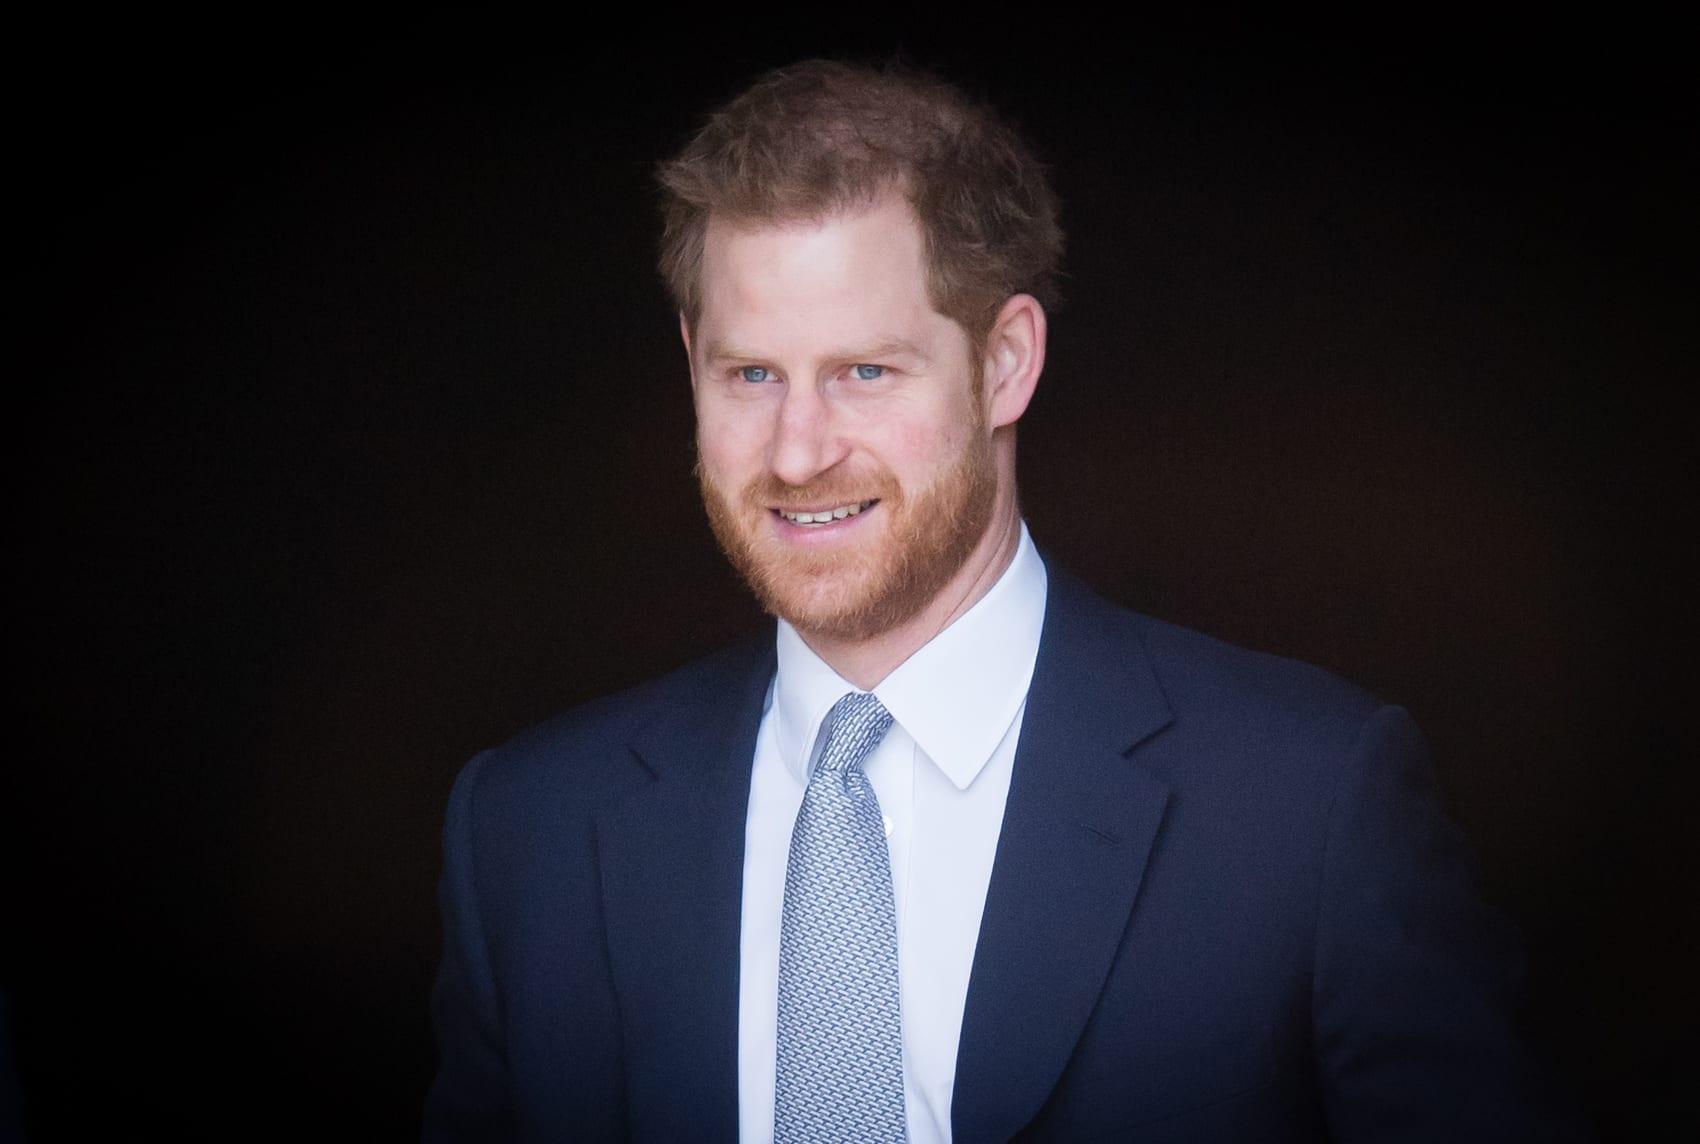 الأمير هاري يحصل على وظيفة في شركة ناشئة.. إليكم ما هي